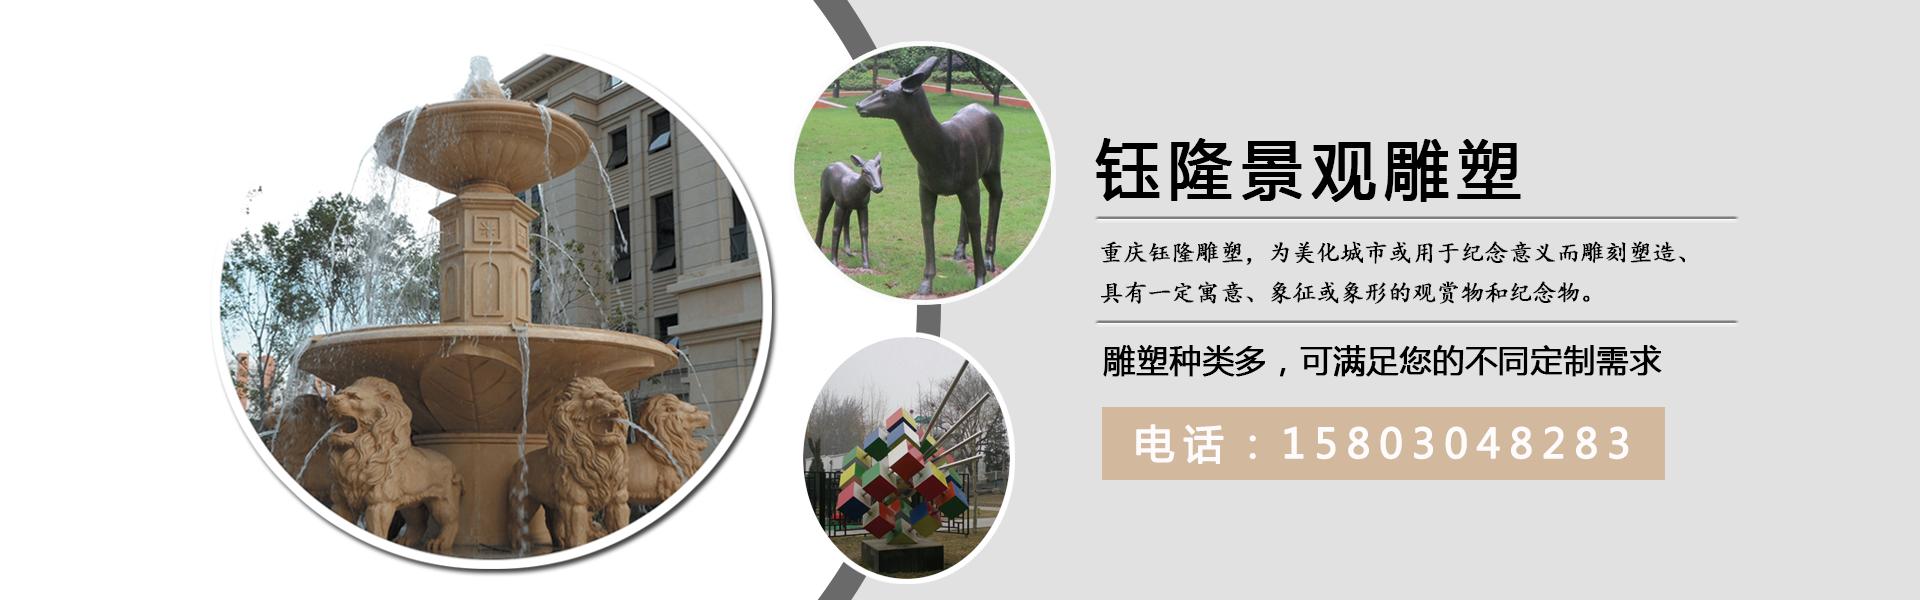 重庆钰隆雕塑,为美化城市或用于纪念意义而雕刻塑造、 具有一定寓意、象征或象形的观赏物和纪念物。